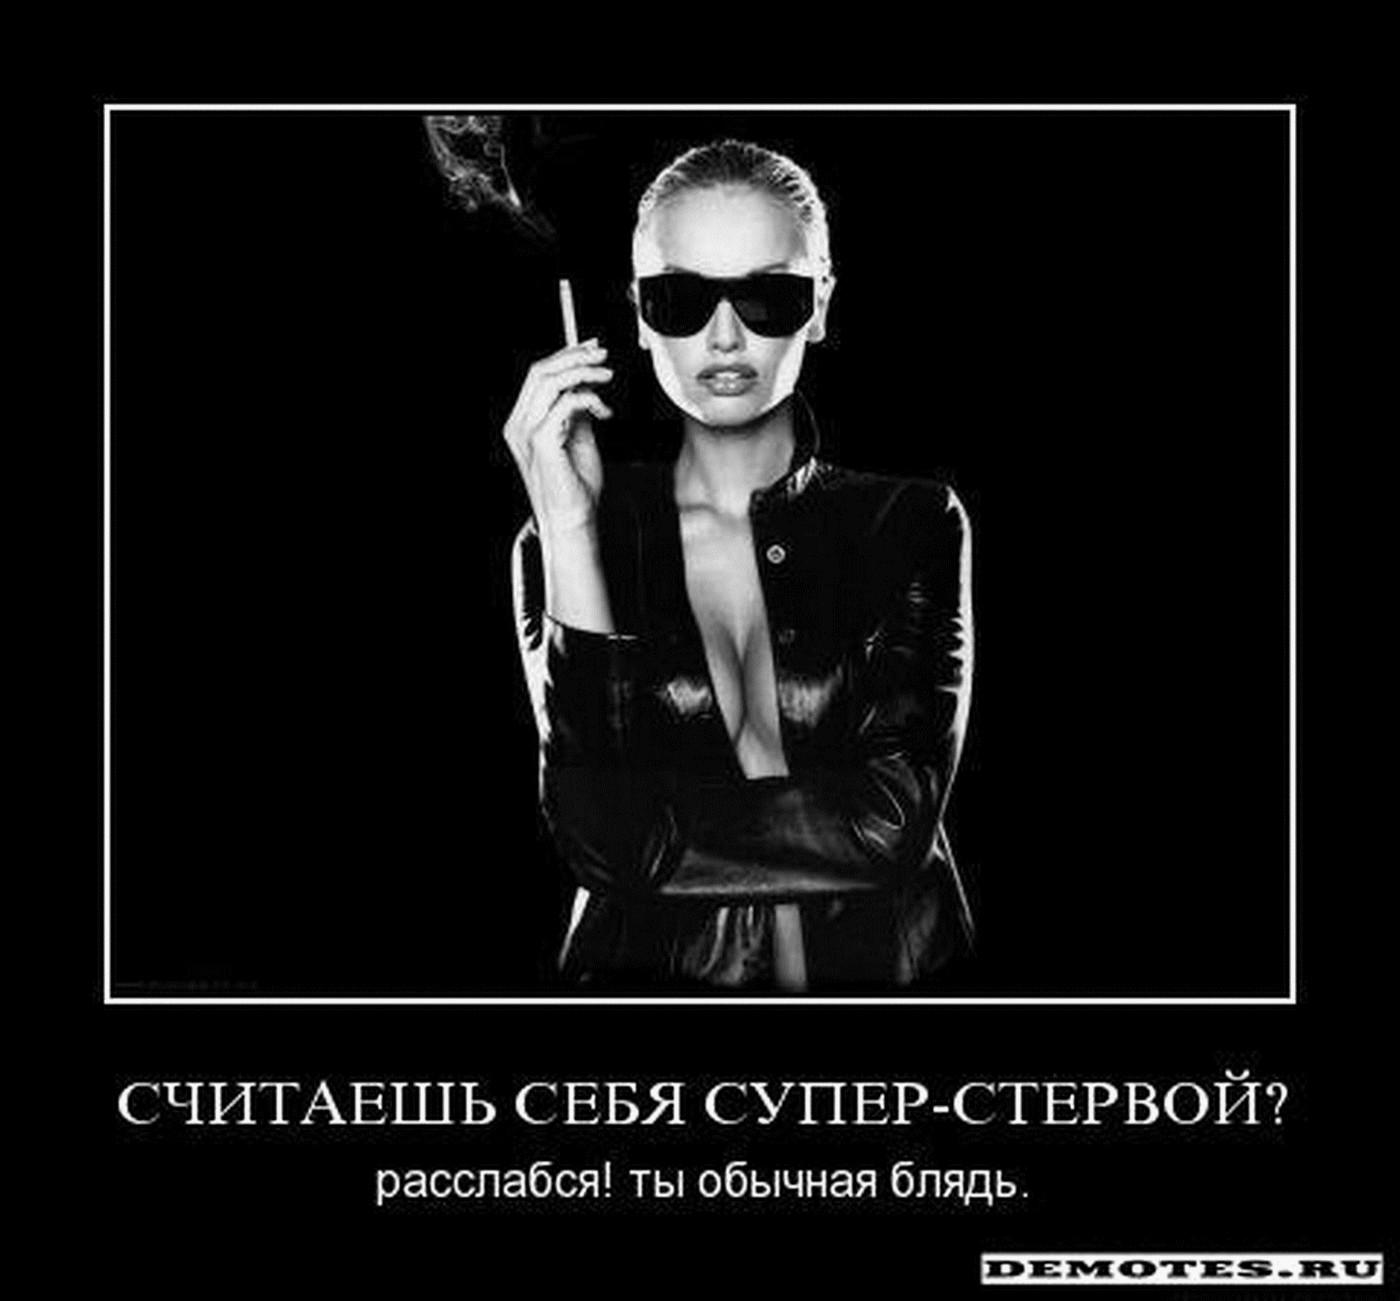 viskazivaniya-pro-shlyuh